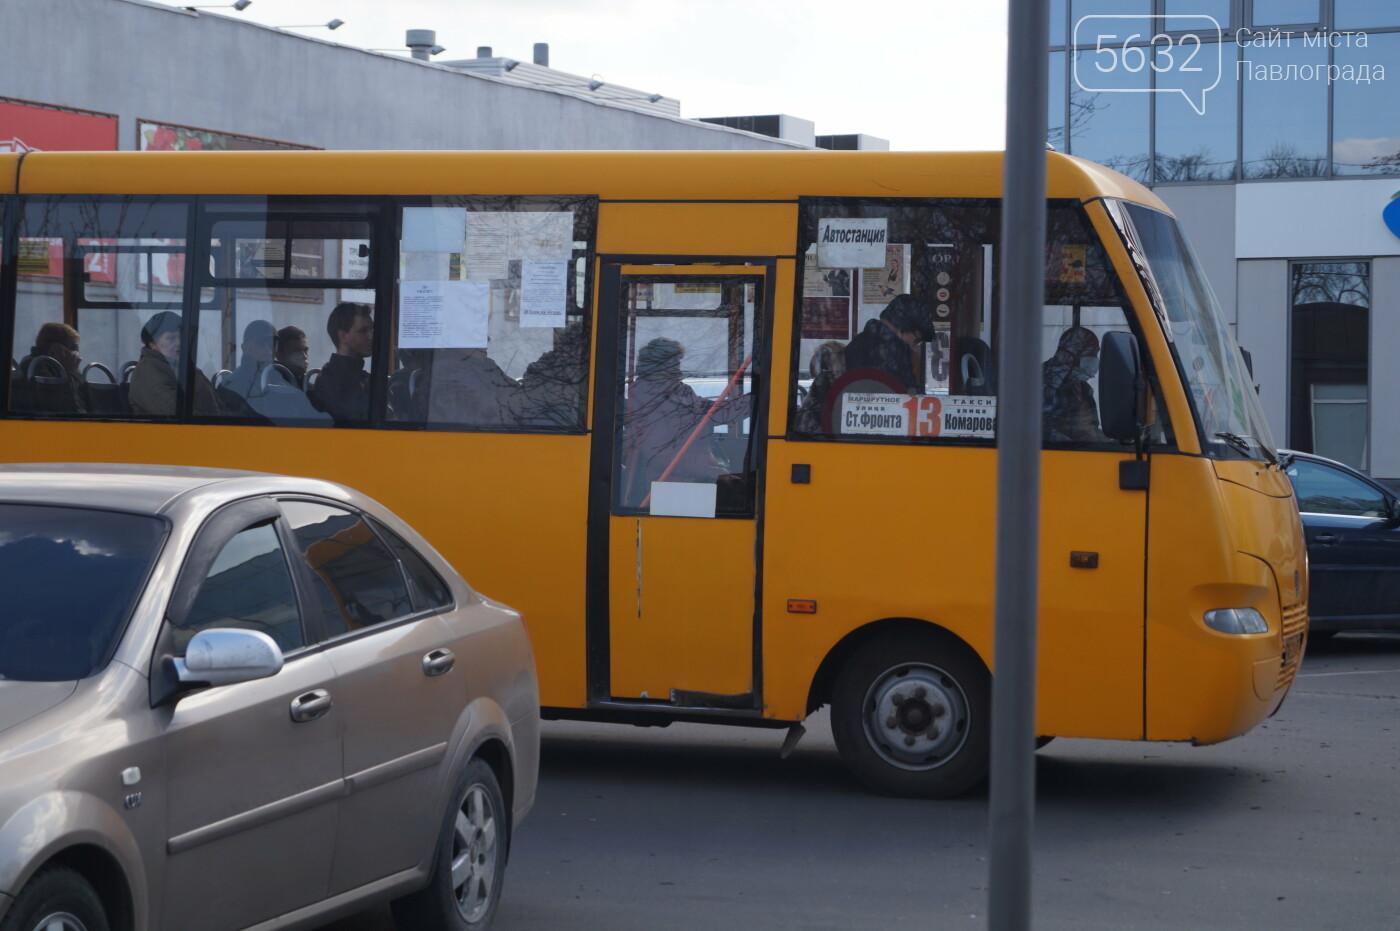 Транспорт по городу и за его пределами: 5632.com.ua узнал всё о передвижении павлоградцев , фото-27